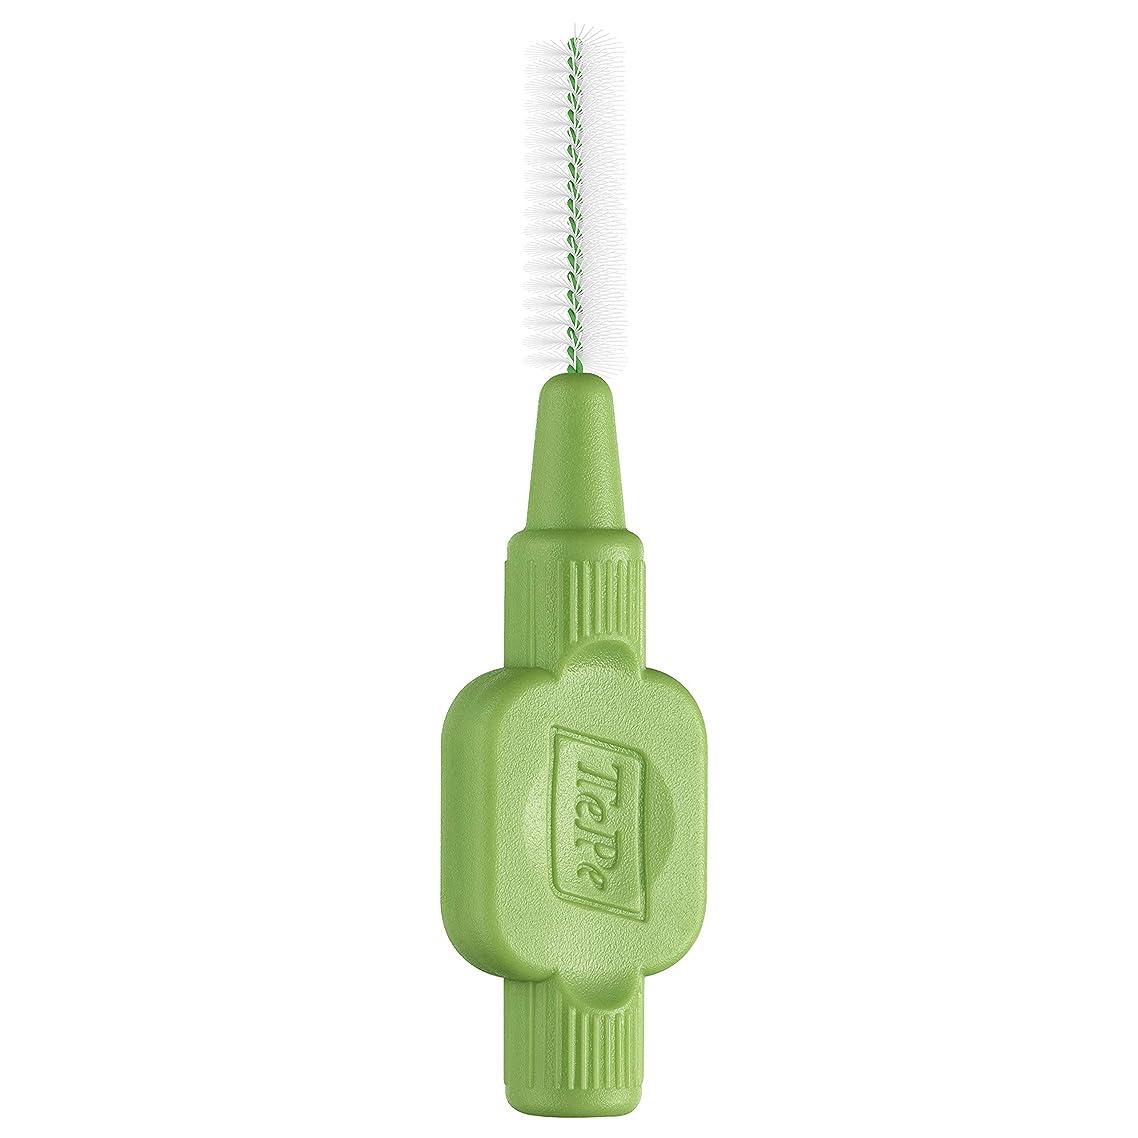 モス苦悩傭兵Tepe Green Interdental Brush 0.8mm 25 Pack by TePe